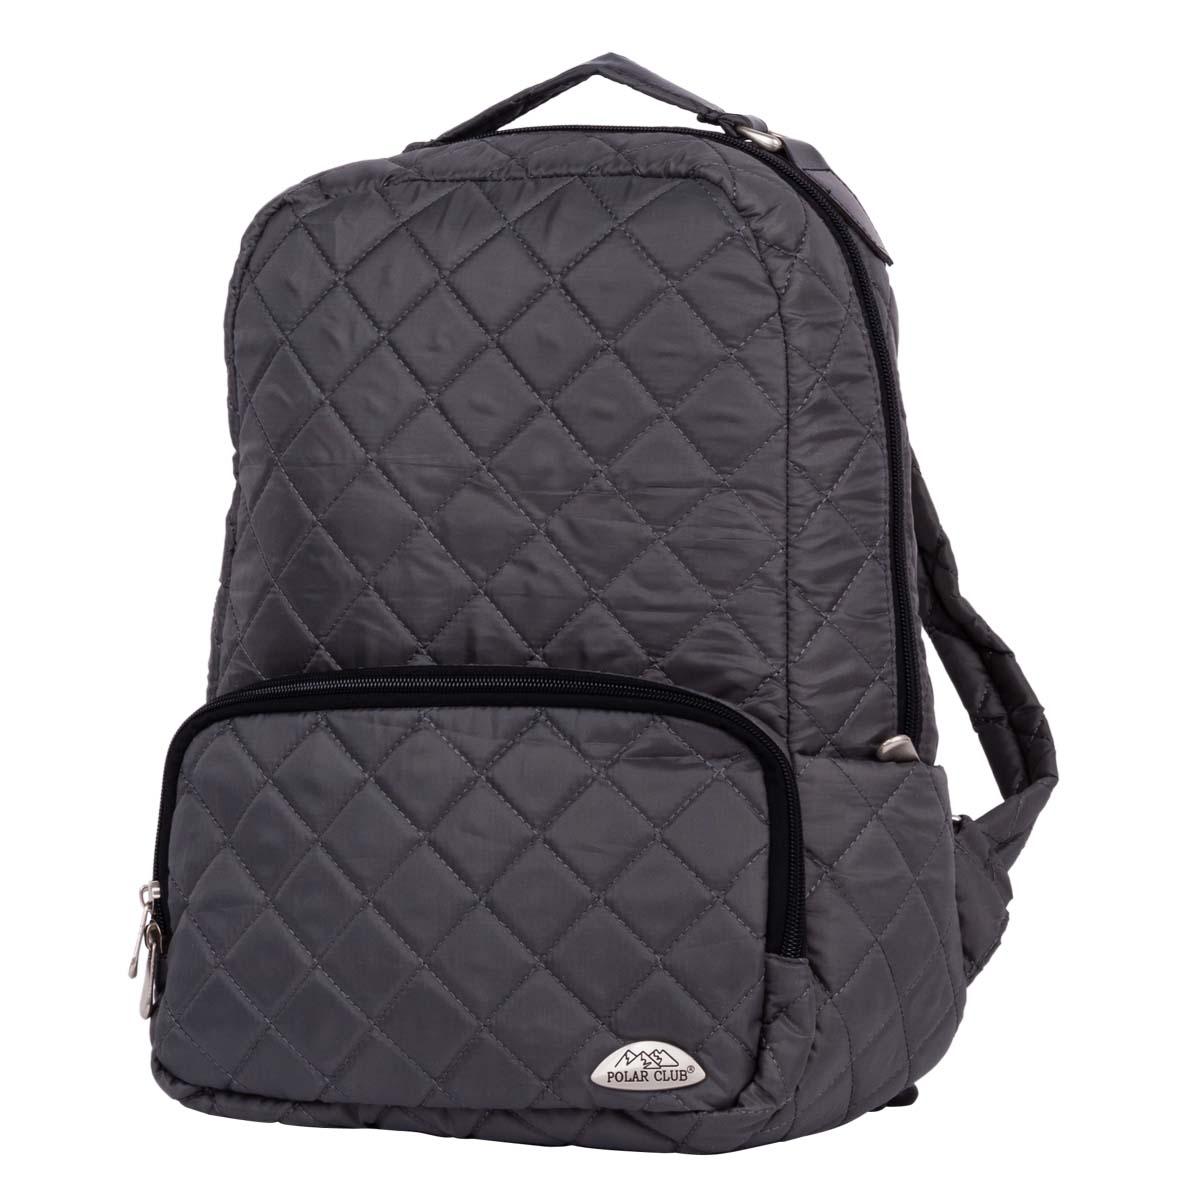 Рюкзак городской Polar, 14 л, цвет: серый. П7070-06П7070-06Абсолютно мягкий и удобный в использовании рюкзак Polar из стеганой ткани. Состоит из одного отделения, внутри которого большой карман на молнии и отделение для ноутбука до 14 или планшета. Снаружи расположен объемный карман на молнии. По бокам рюкзака небольшие открытые карманы. Лямки регулируются по длине. Сверху располагается ручка для переноски.